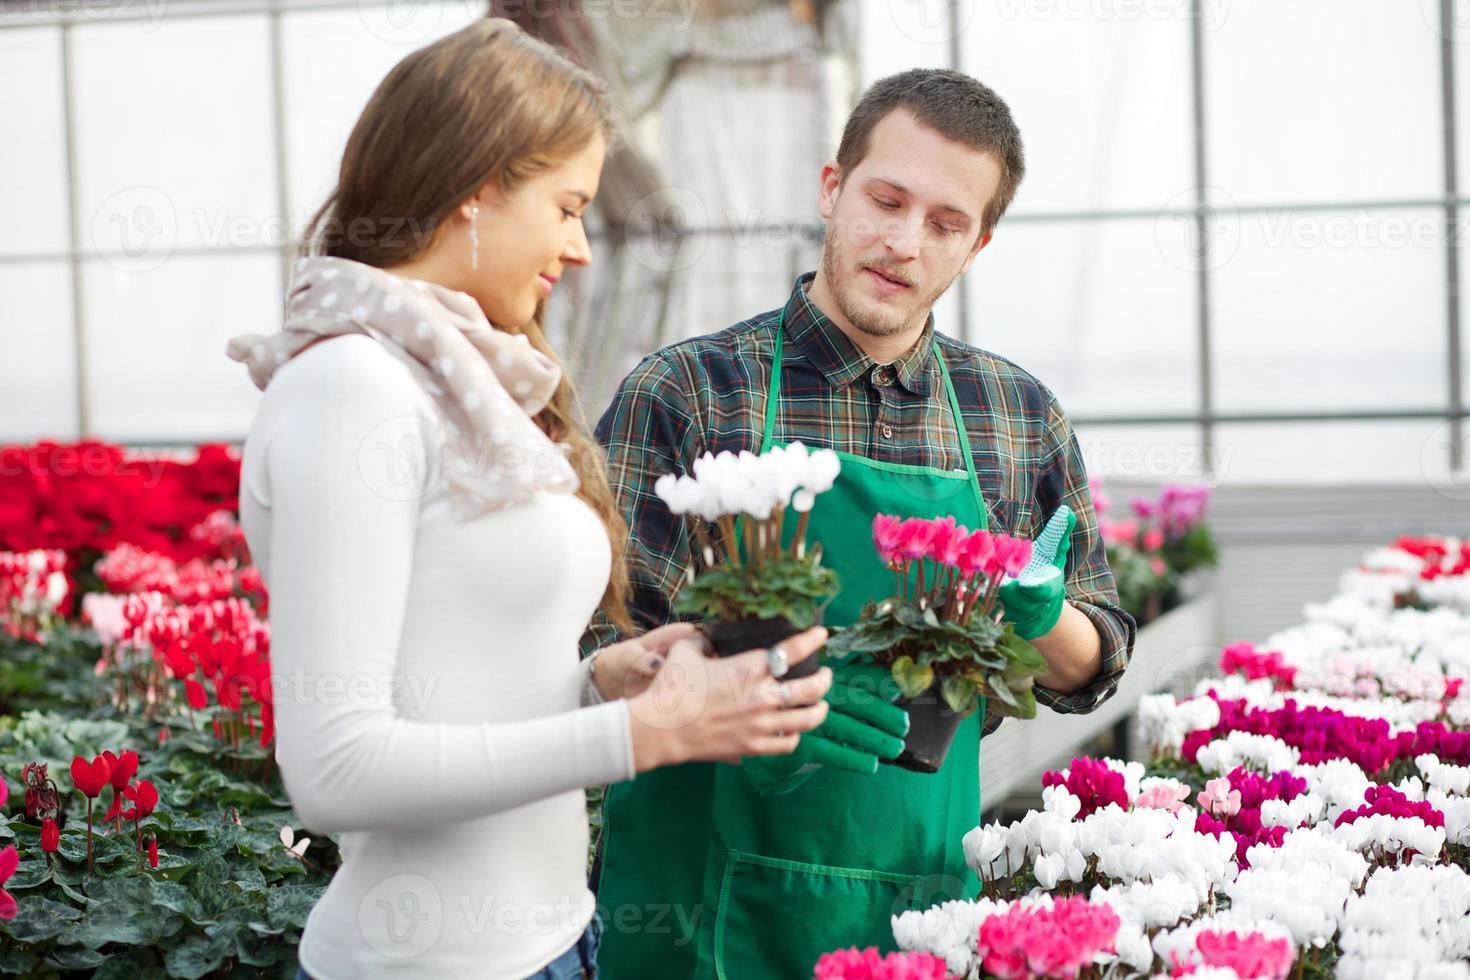 bloemist detailhandel foto